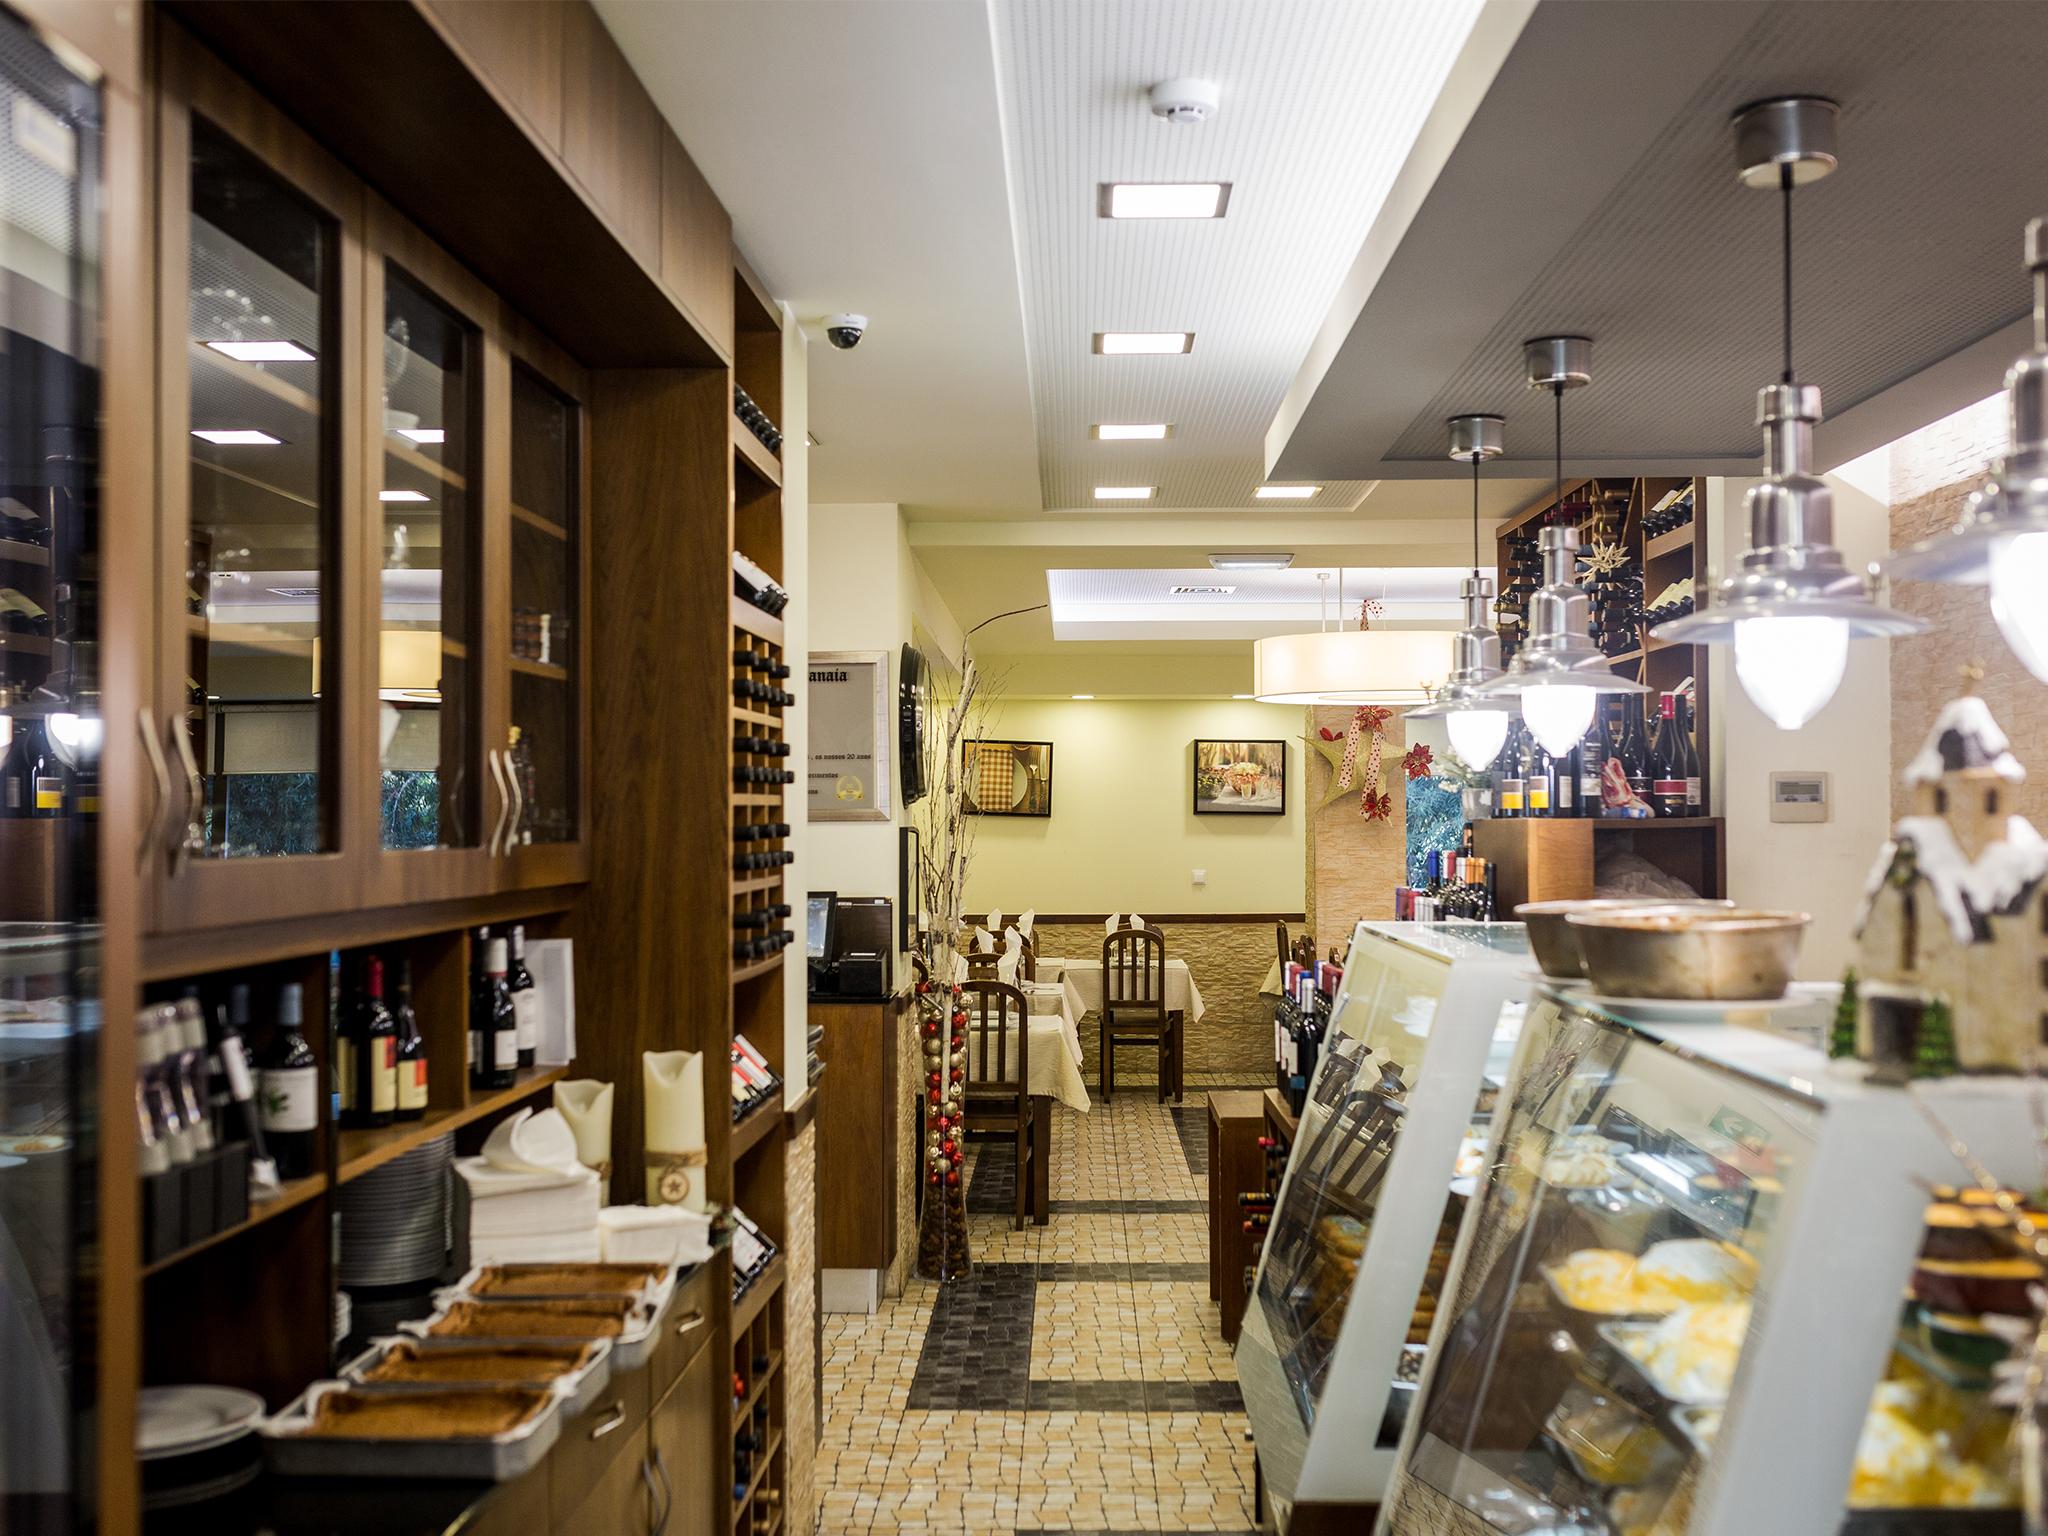 Críticas de restaurantes – Onde comer em Lisboa